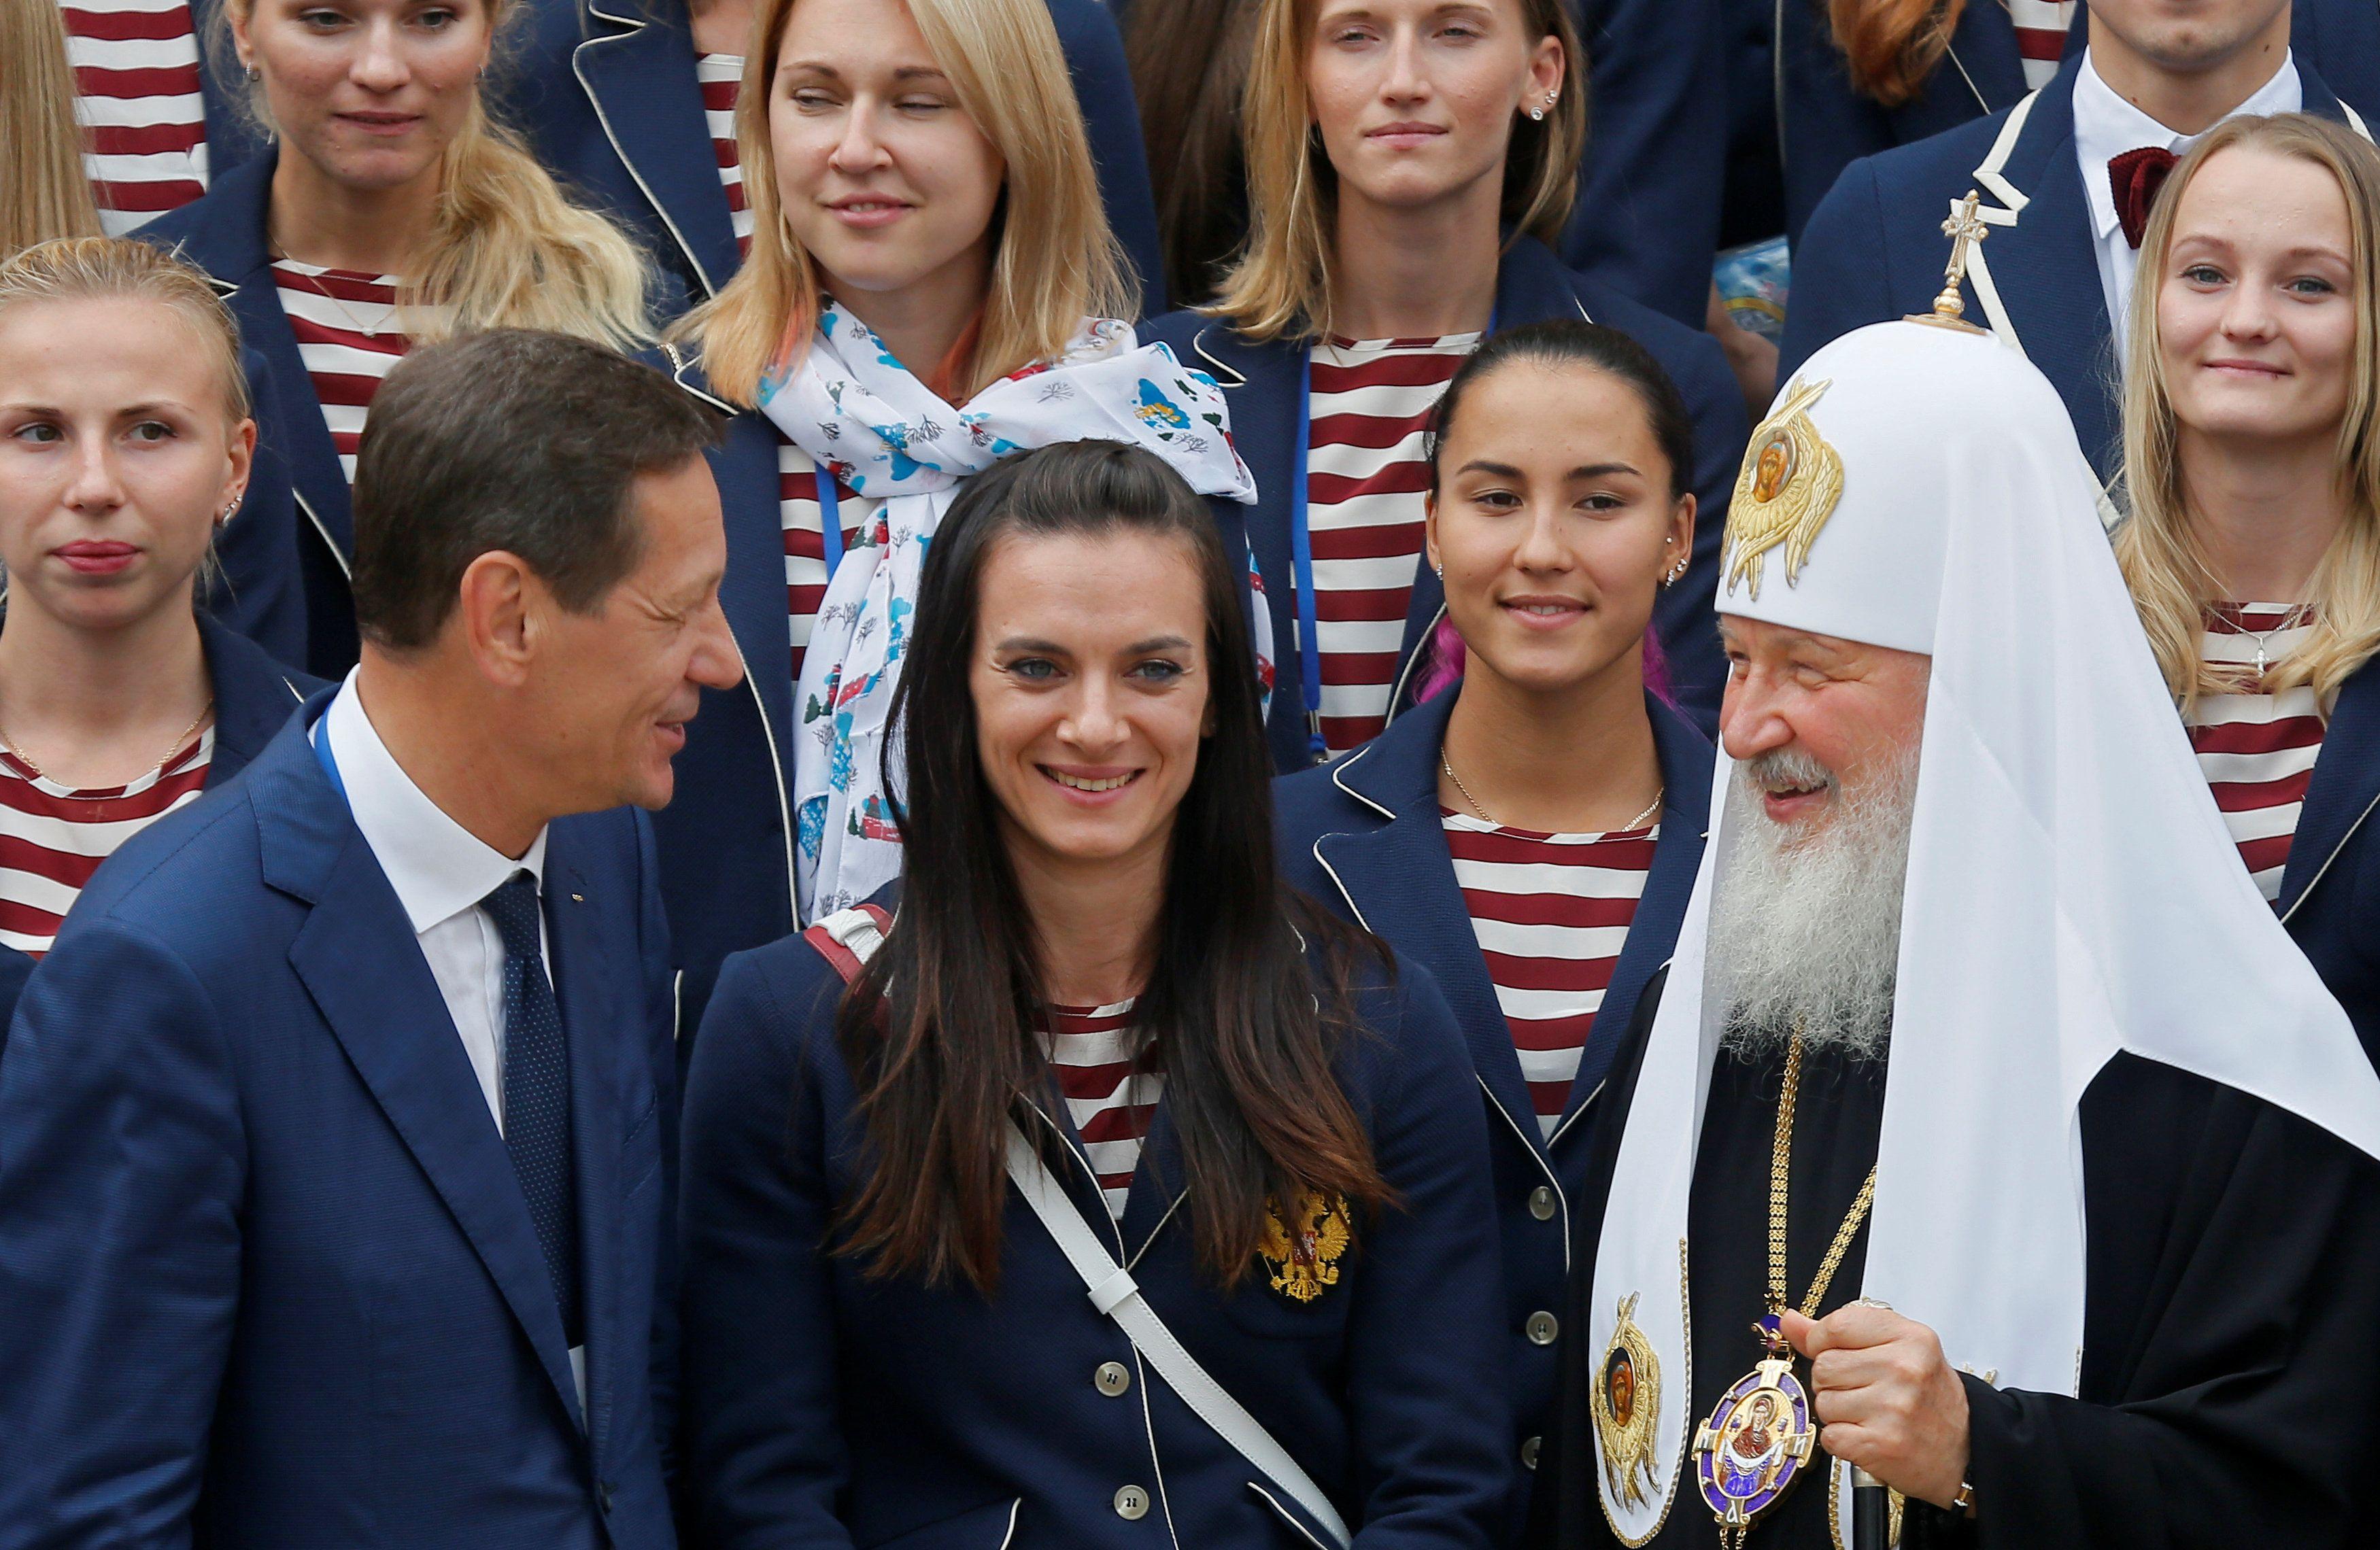 Александр Жуков, Елена Исинбаева и патриарх Кирилл